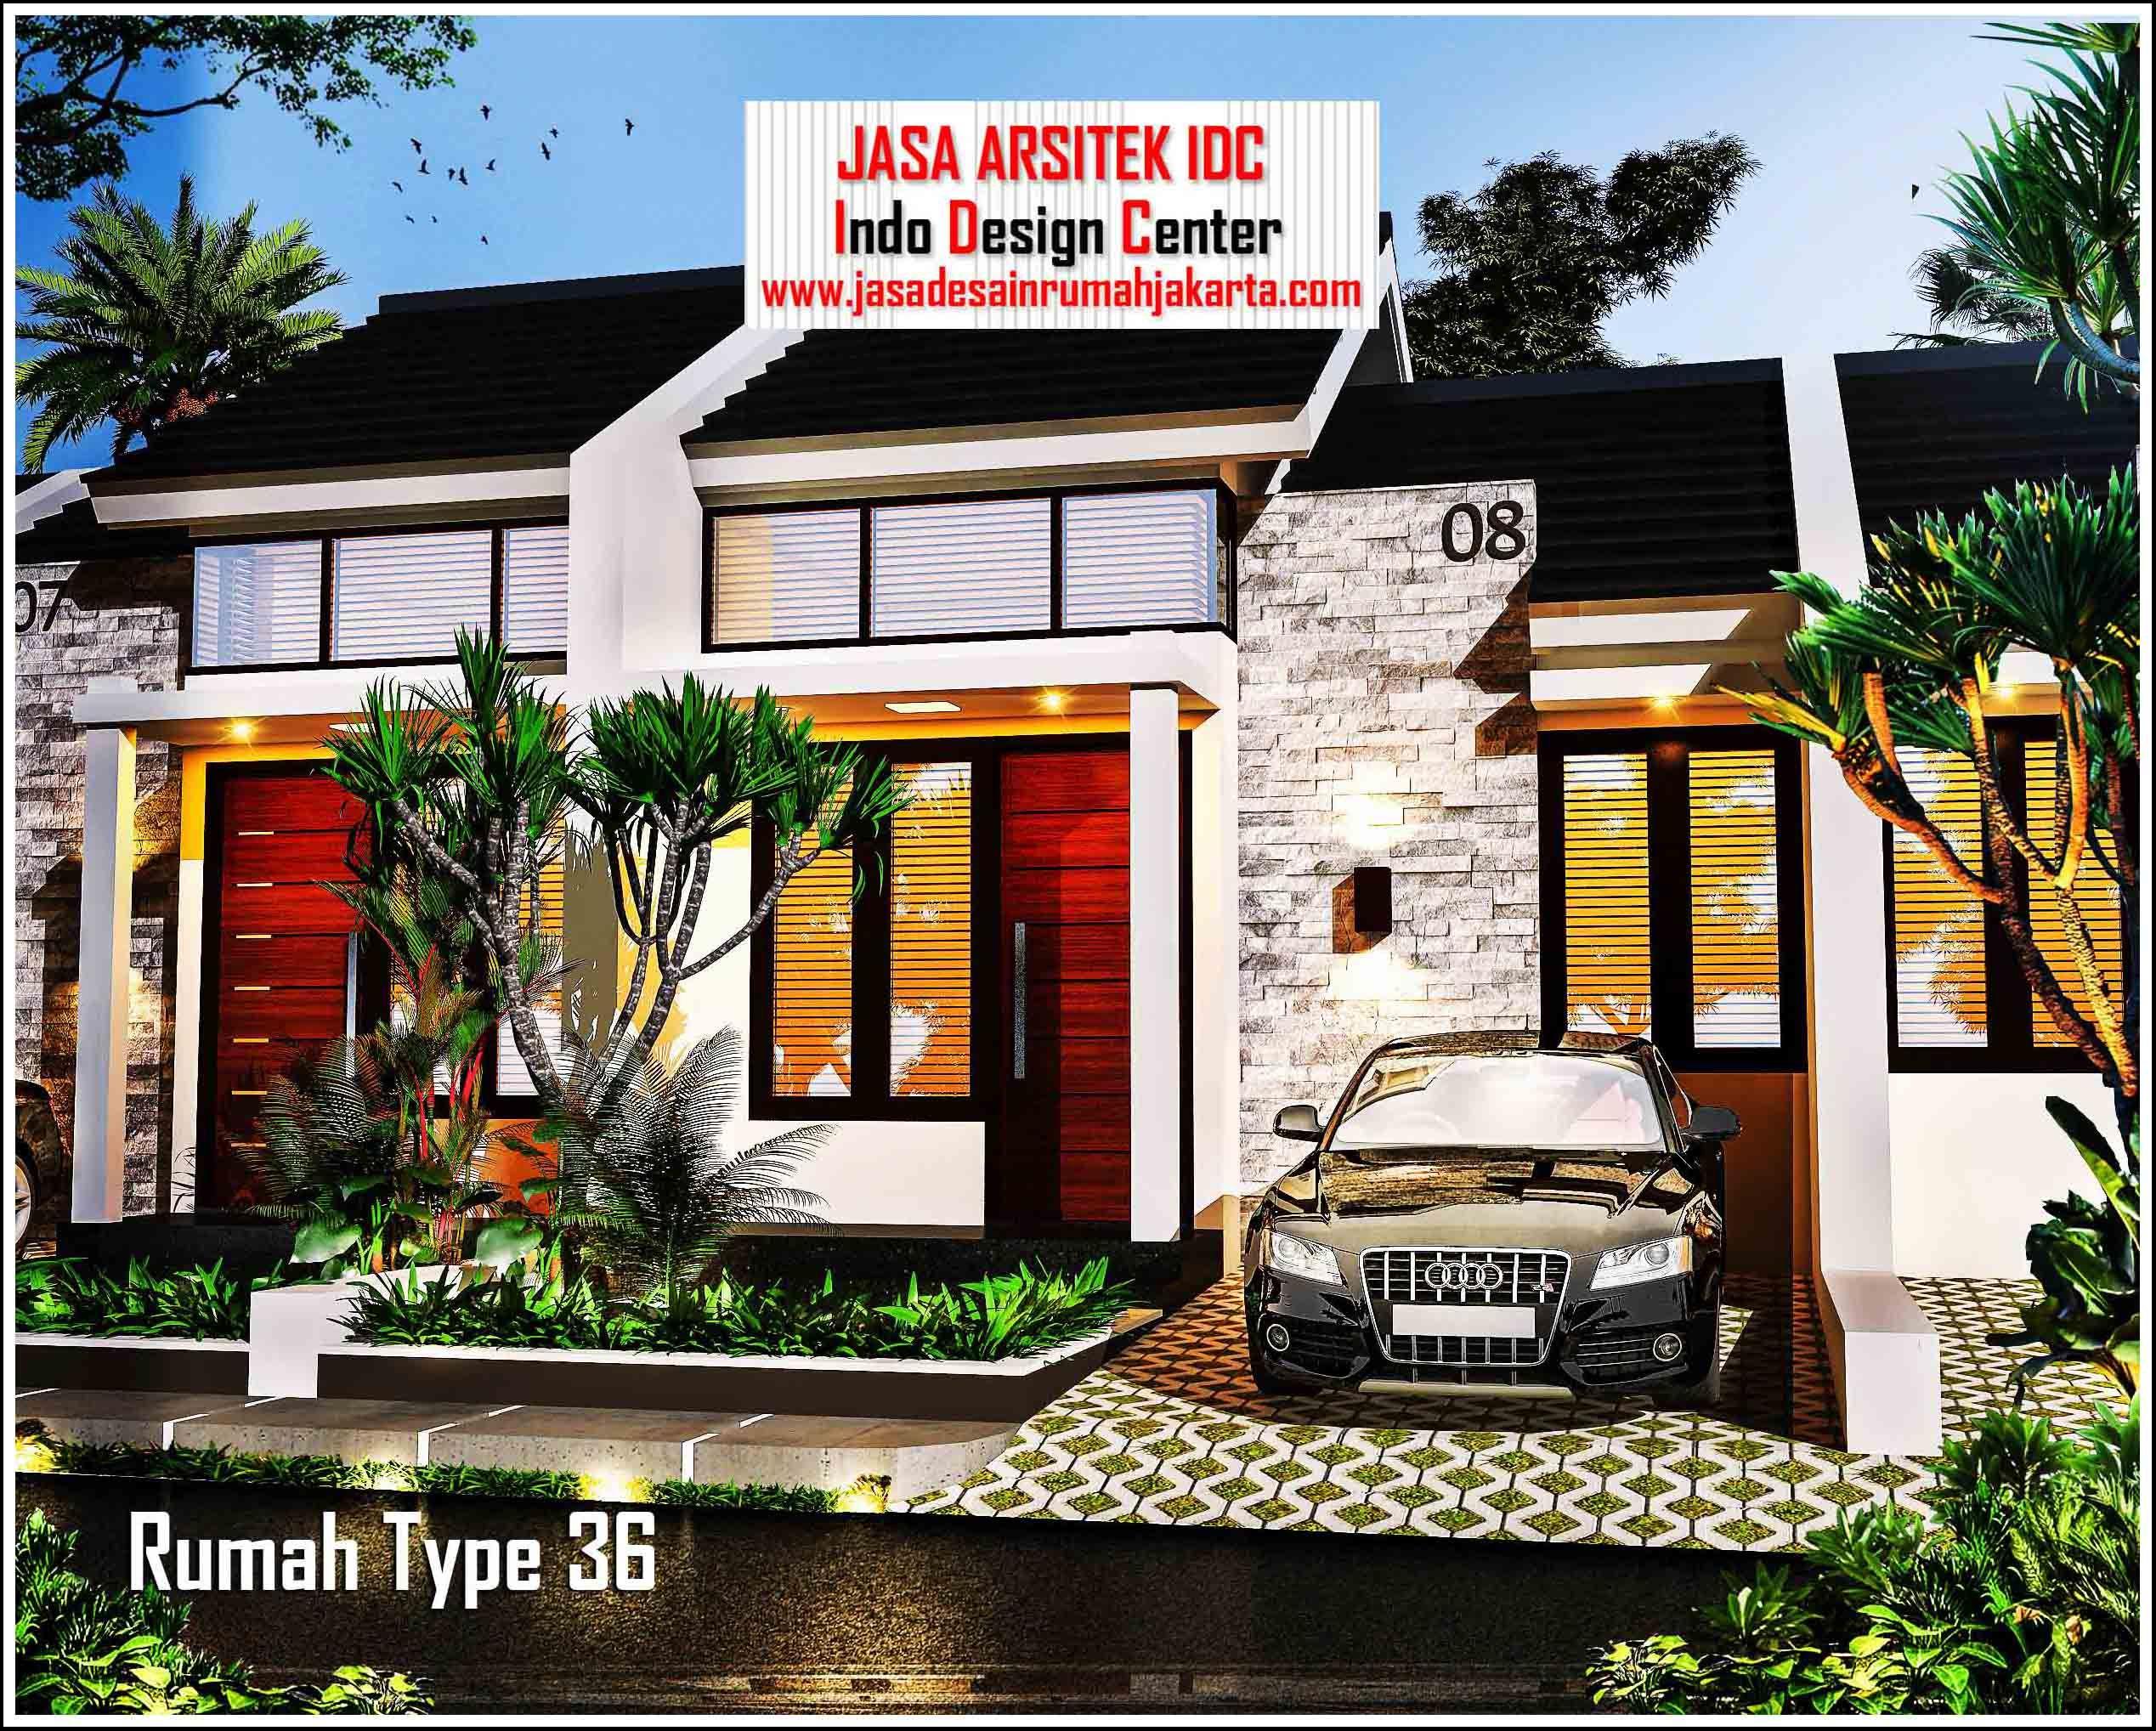 Desain Rumah Type 36 72 2 Lantai Cek Bahan Bangunan